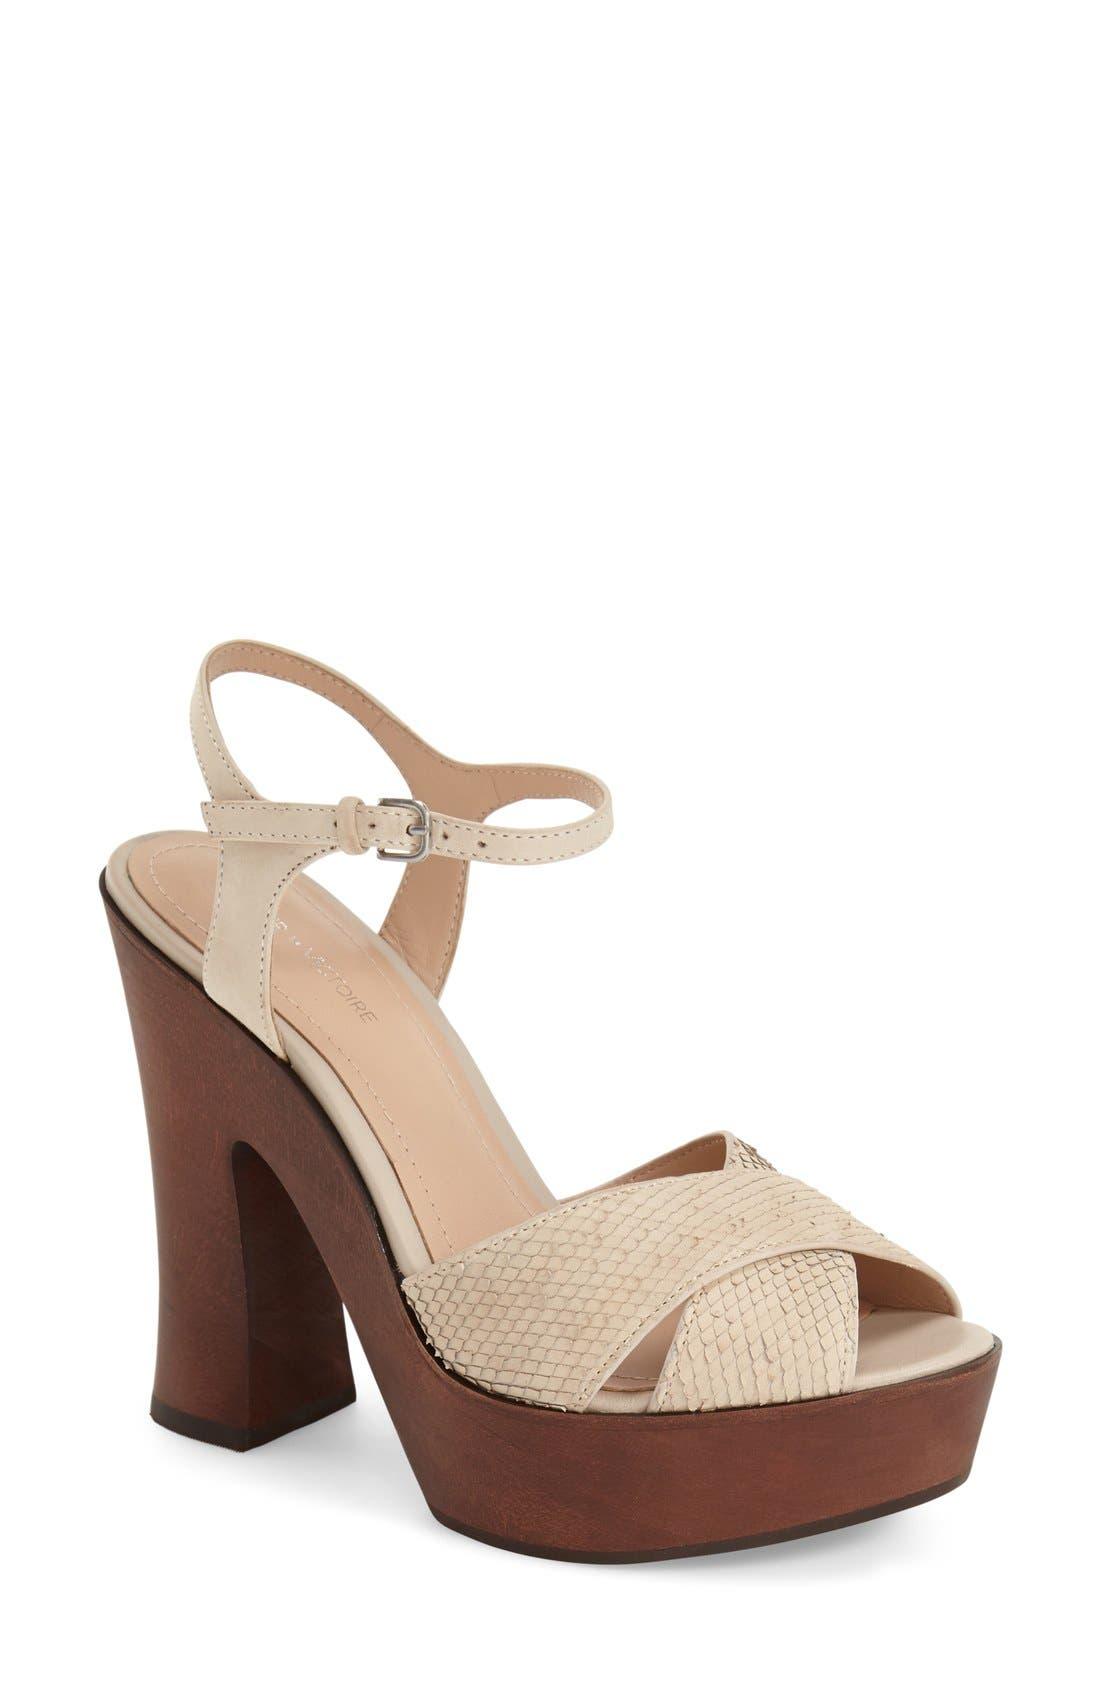 'Dakota' Platform Sandal,                             Main thumbnail 1, color,                             Bone Leather